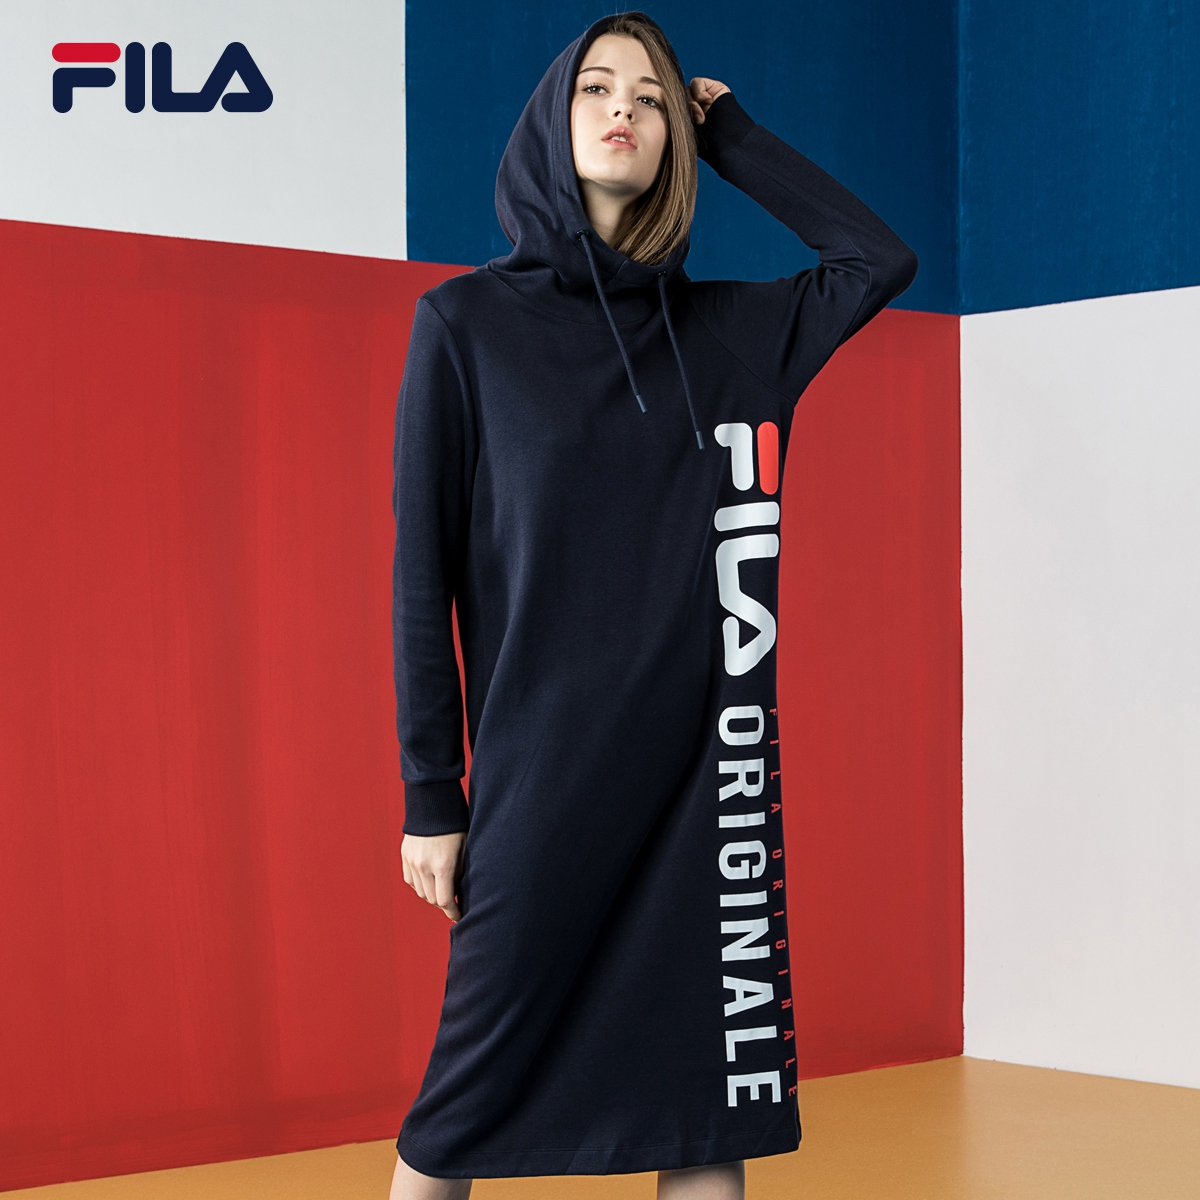 FILA Fila dress 2018 mùa thu thể thao mới ăn mặc giản dị nữ